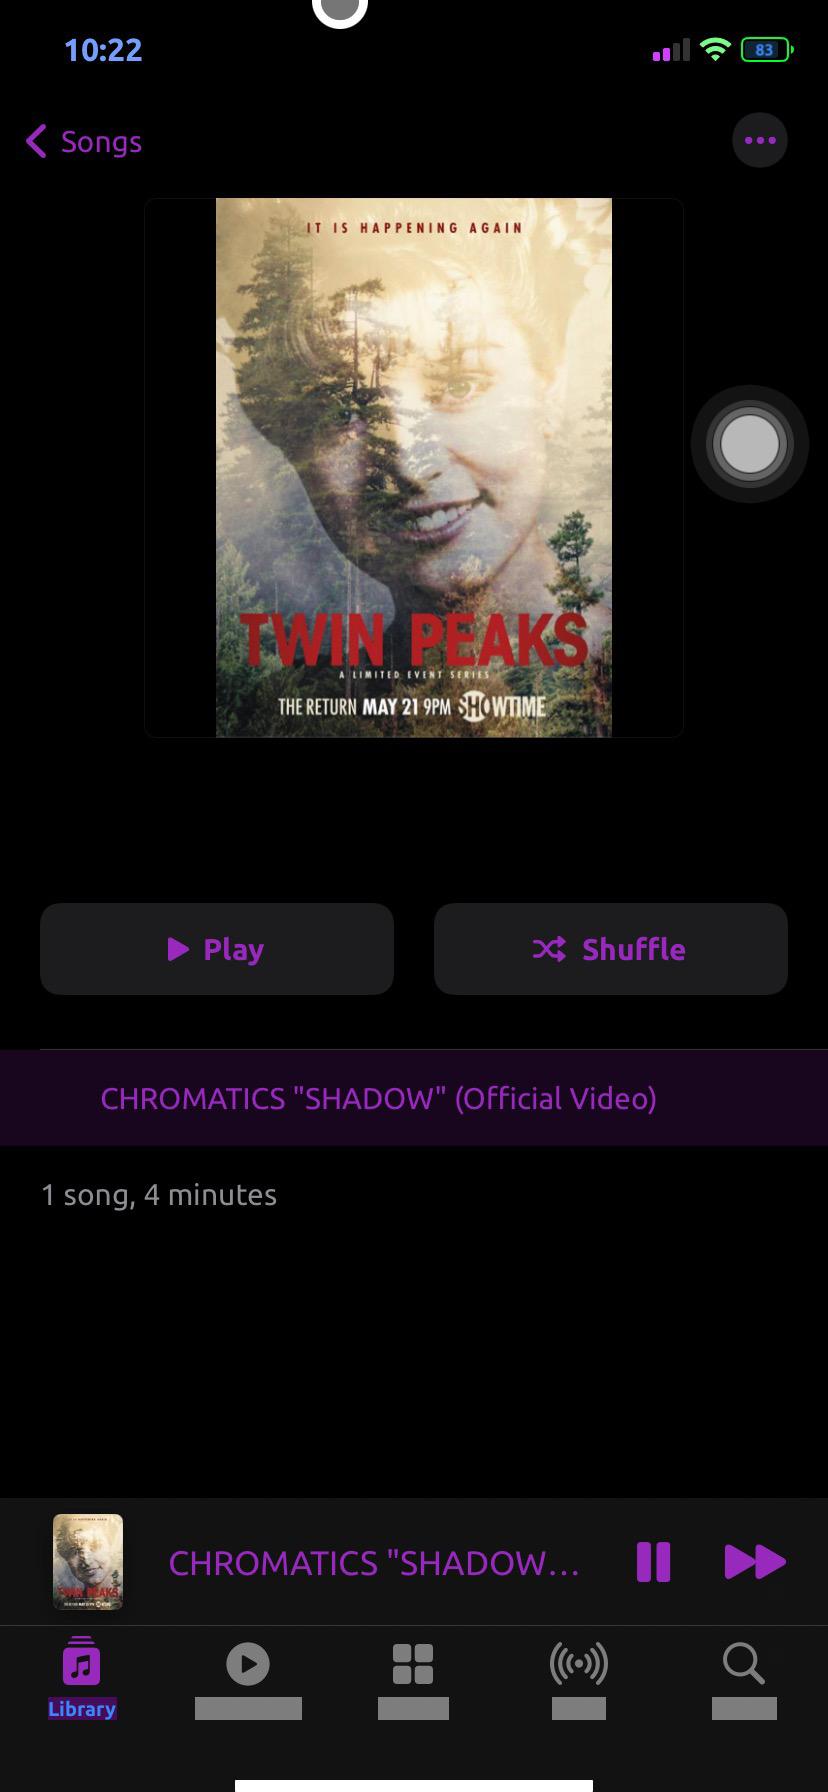 Film scores in my  iPod Library  Delvzl2-6db3a7ee-e5e3-4681-9800-6c88db49f270.jpg?token=eyJ0eXAiOiJKV1QiLCJhbGciOiJIUzI1NiJ9.eyJzdWIiOiJ1cm46YXBwOjdlMGQxODg5ODIyNjQzNzNhNWYwZDQxNWVhMGQyNmUwIiwiaXNzIjoidXJuOmFwcDo3ZTBkMTg4OTgyMjY0MzczYTVmMGQ0MTVlYTBkMjZlMCIsIm9iaiI6W1t7InBhdGgiOiJcL2ZcLzg1YWE2NTg0LTdlYmYtNDM5Yi1iOTk0LTU5ODAyZTE5NGYwYlwvZGVsdnpsMi02ZGIzYTdlZS1lNWUzLTQ2ODEtOTgwMC02Yzg4ZGI0OWYyNzAuanBnIn1dXSwiYXVkIjpbInVybjpzZXJ2aWNlOmZpbGUuZG93bmxvYWQiXX0